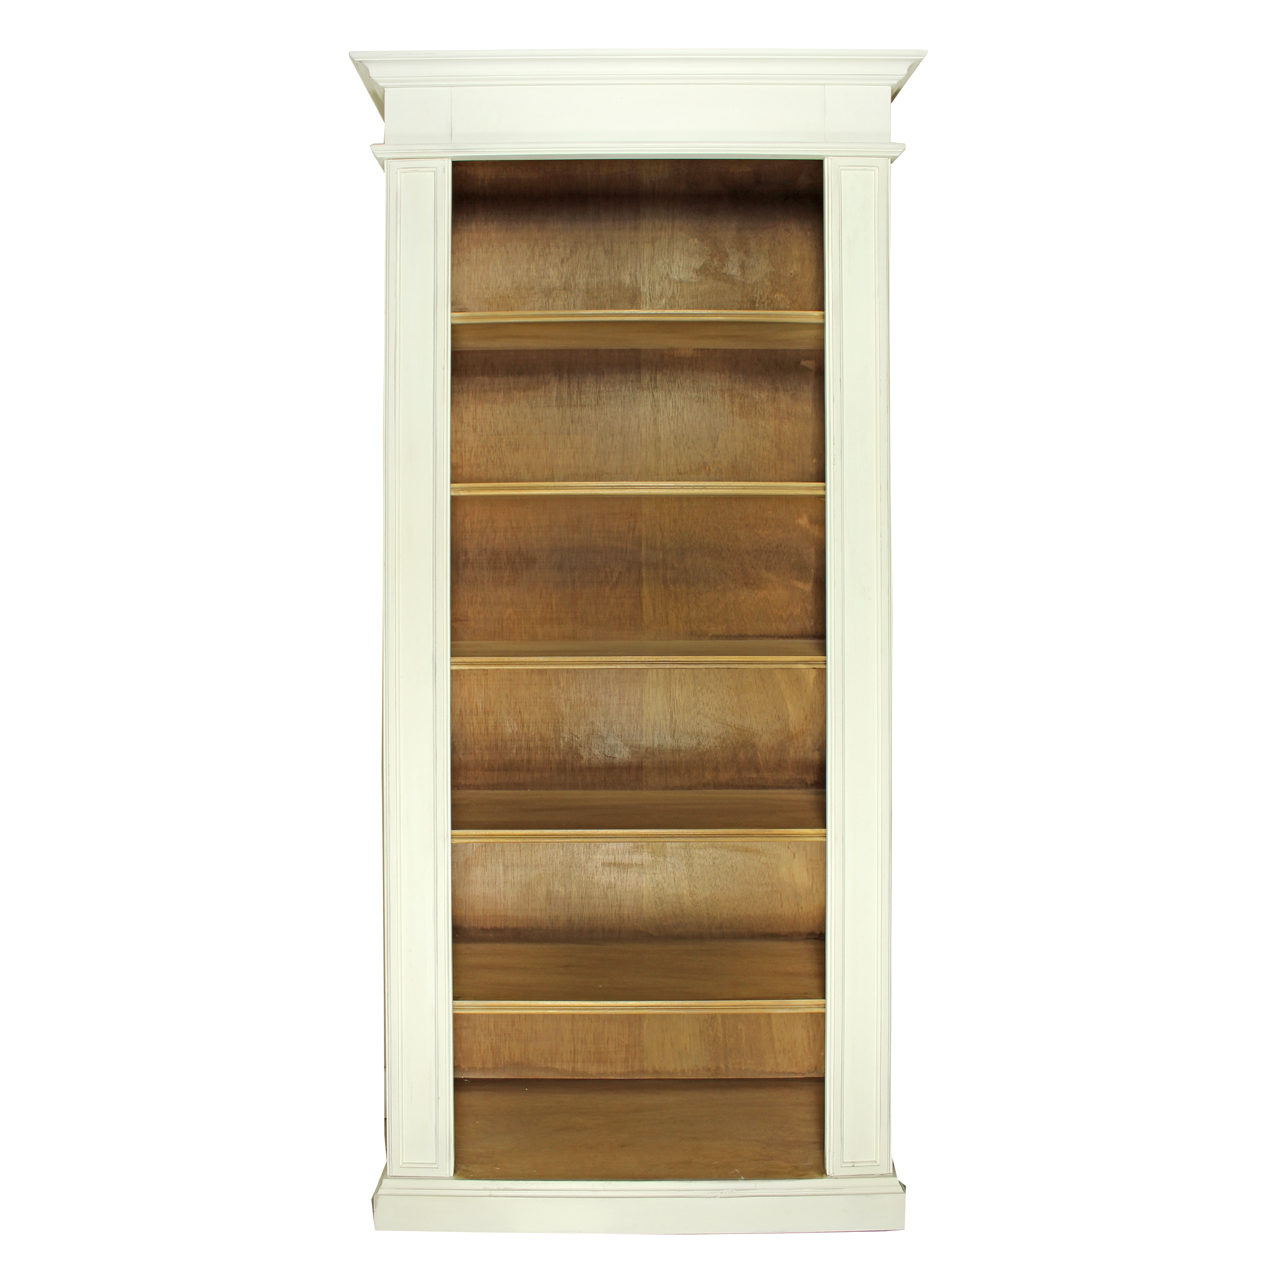 Biblioteca Grace din lemn alb cu maro 93x40x205 cm chicville 2021